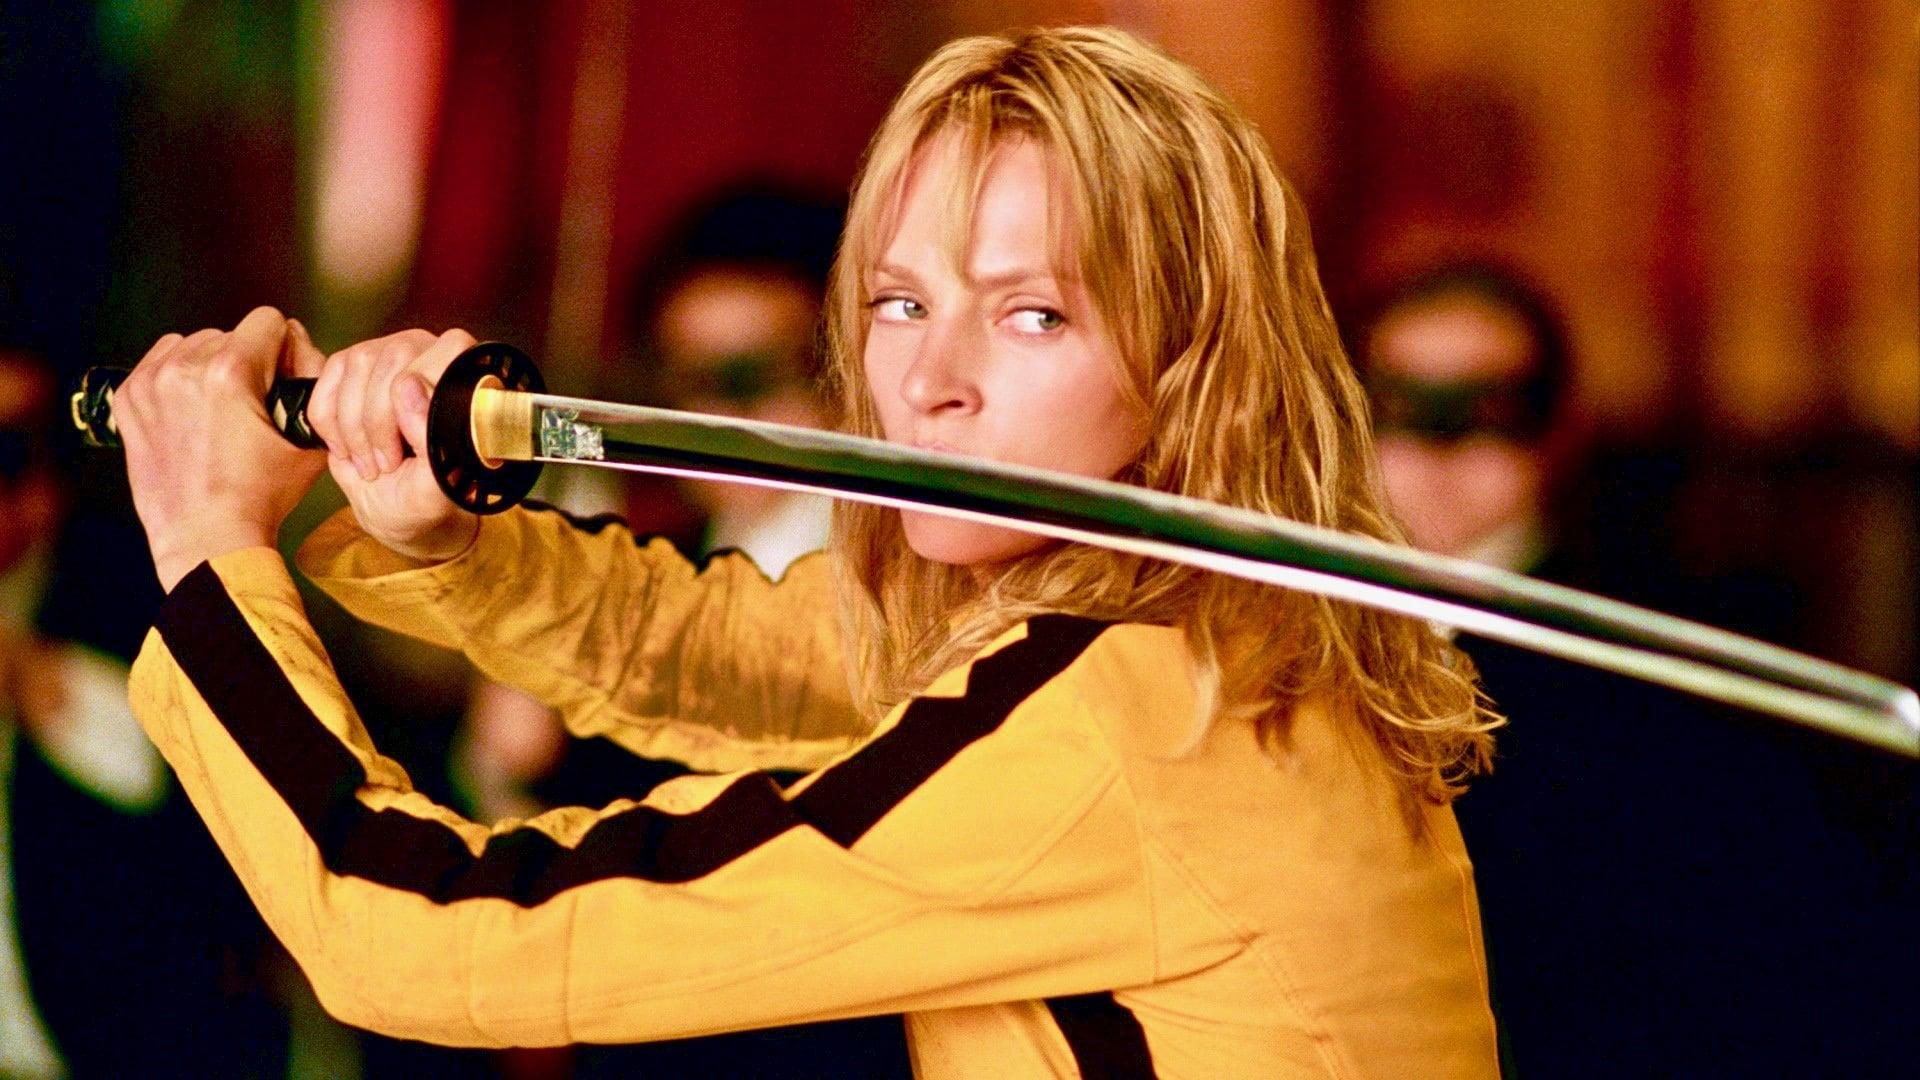 Beatrix Kiddo |  De armas tomar: los 7 mejores personajes femeninos de acción | BrainBerries